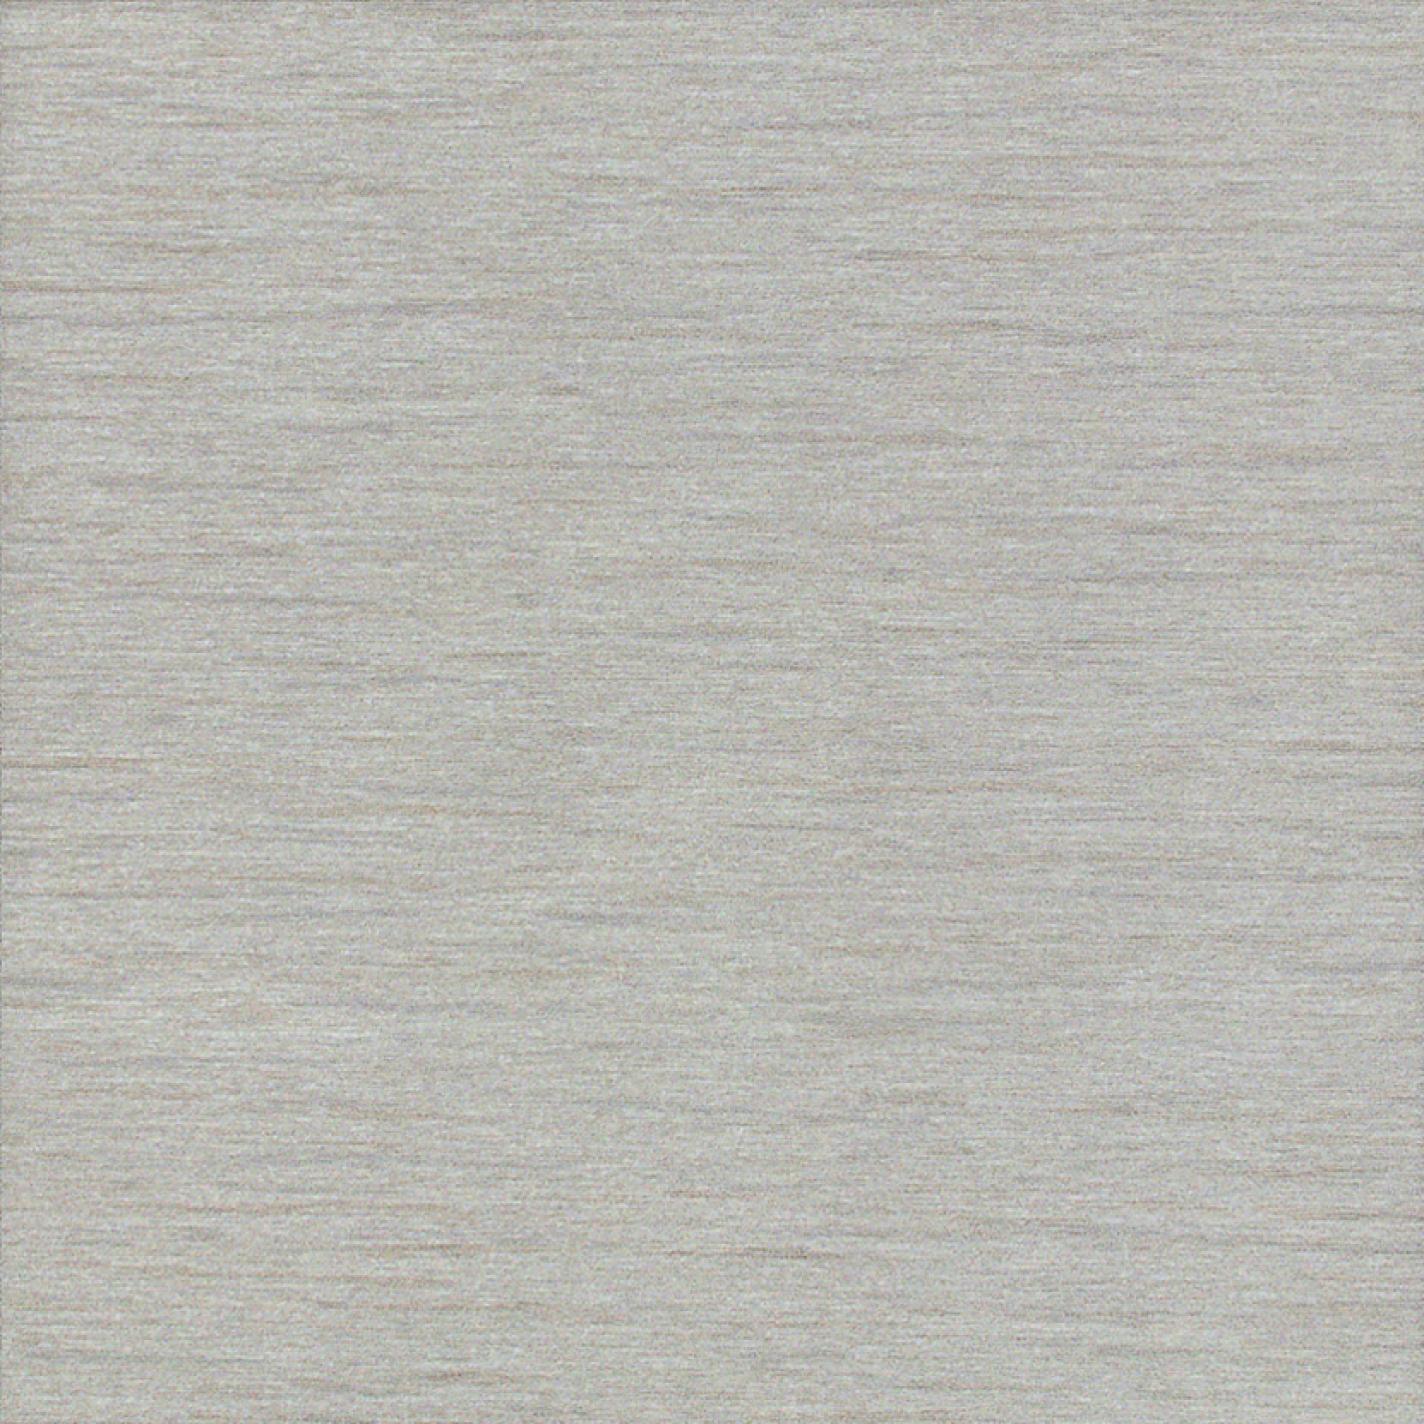 白色木纹砖贴图 灰木纹砖贴图 灰色木纹砖贴图